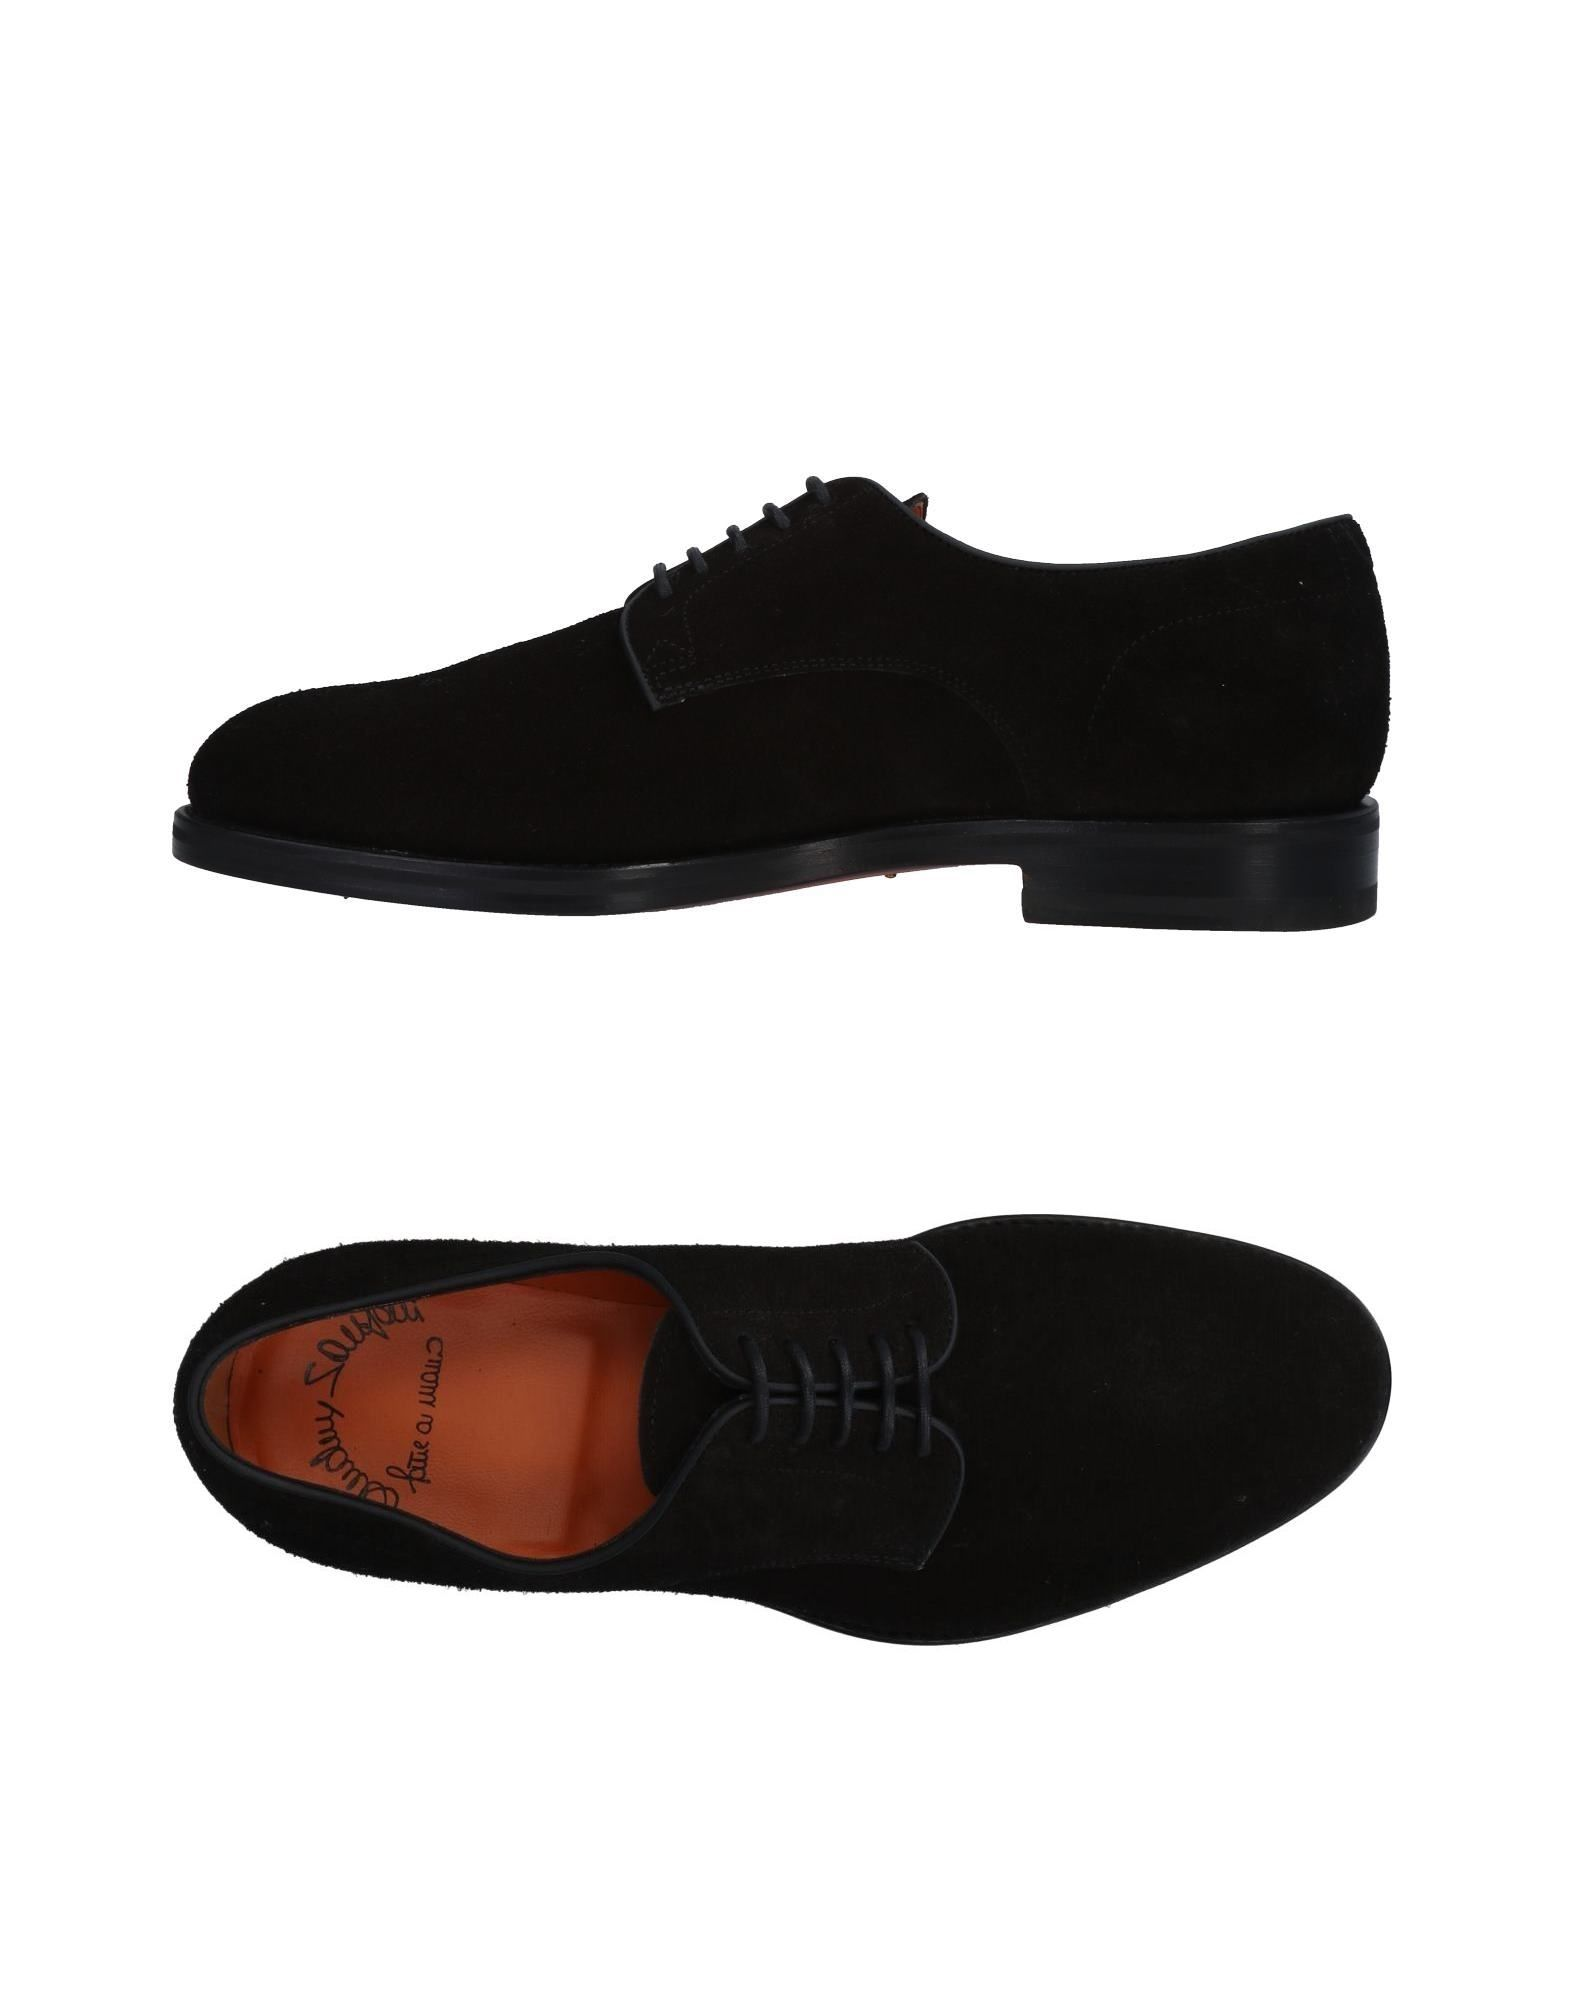 Tiempo limitado especial  Zapato Cordones De Cordones Zapato Santoni Hombre - Zapatos De Cordones Santoni bacb0e